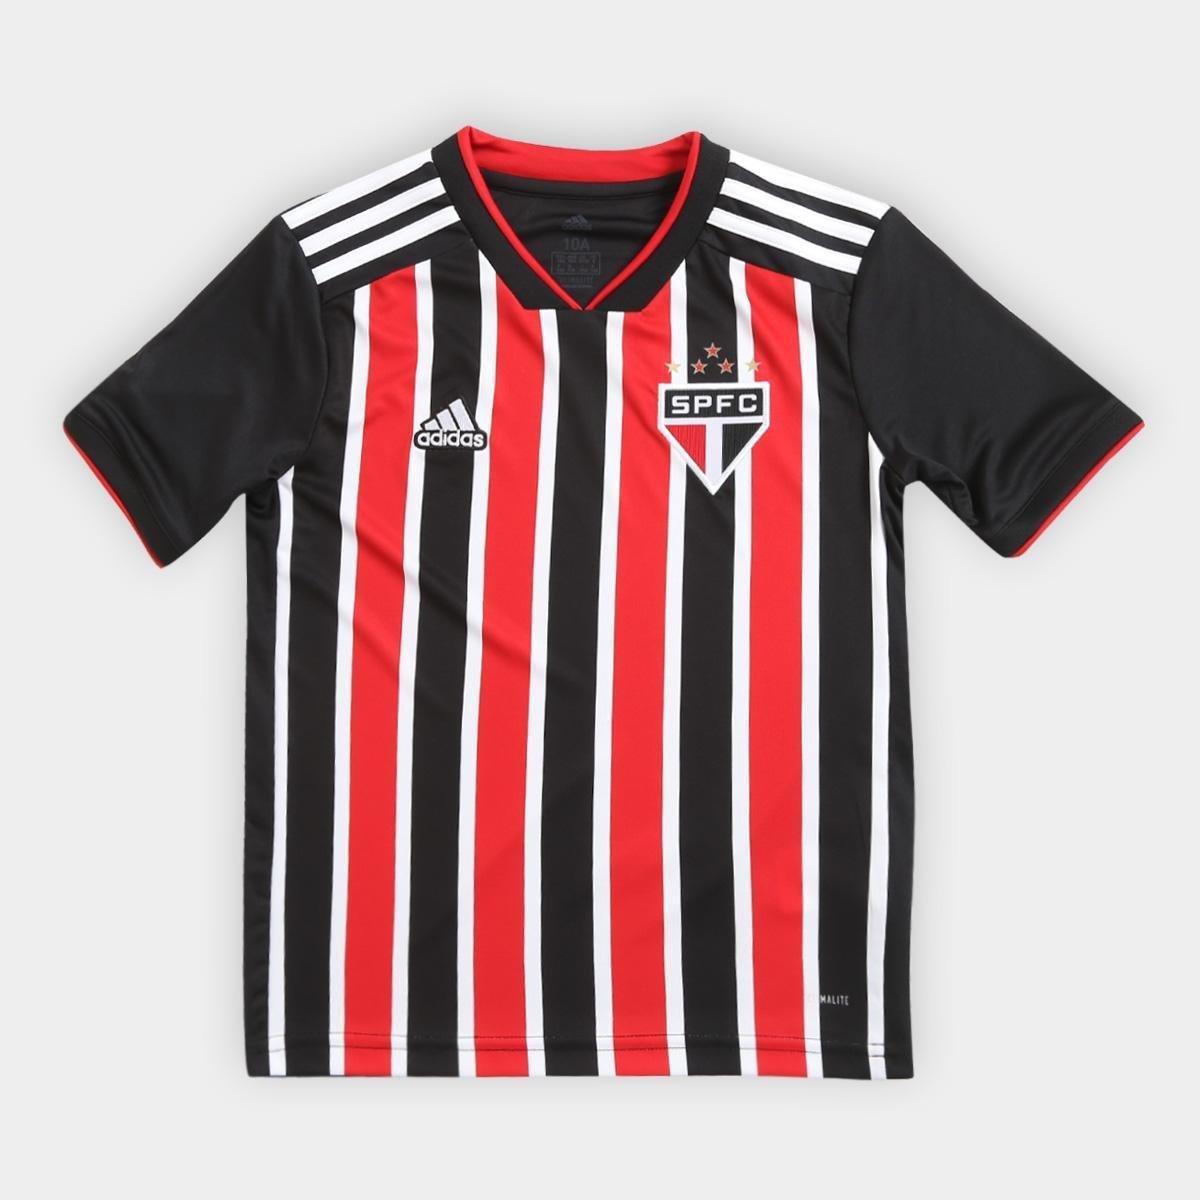 085276e079158 Camisa São Paulo Infantil II 2018 s n° Torcedor Adidas - Vermelho e Branco  - Compre Agora